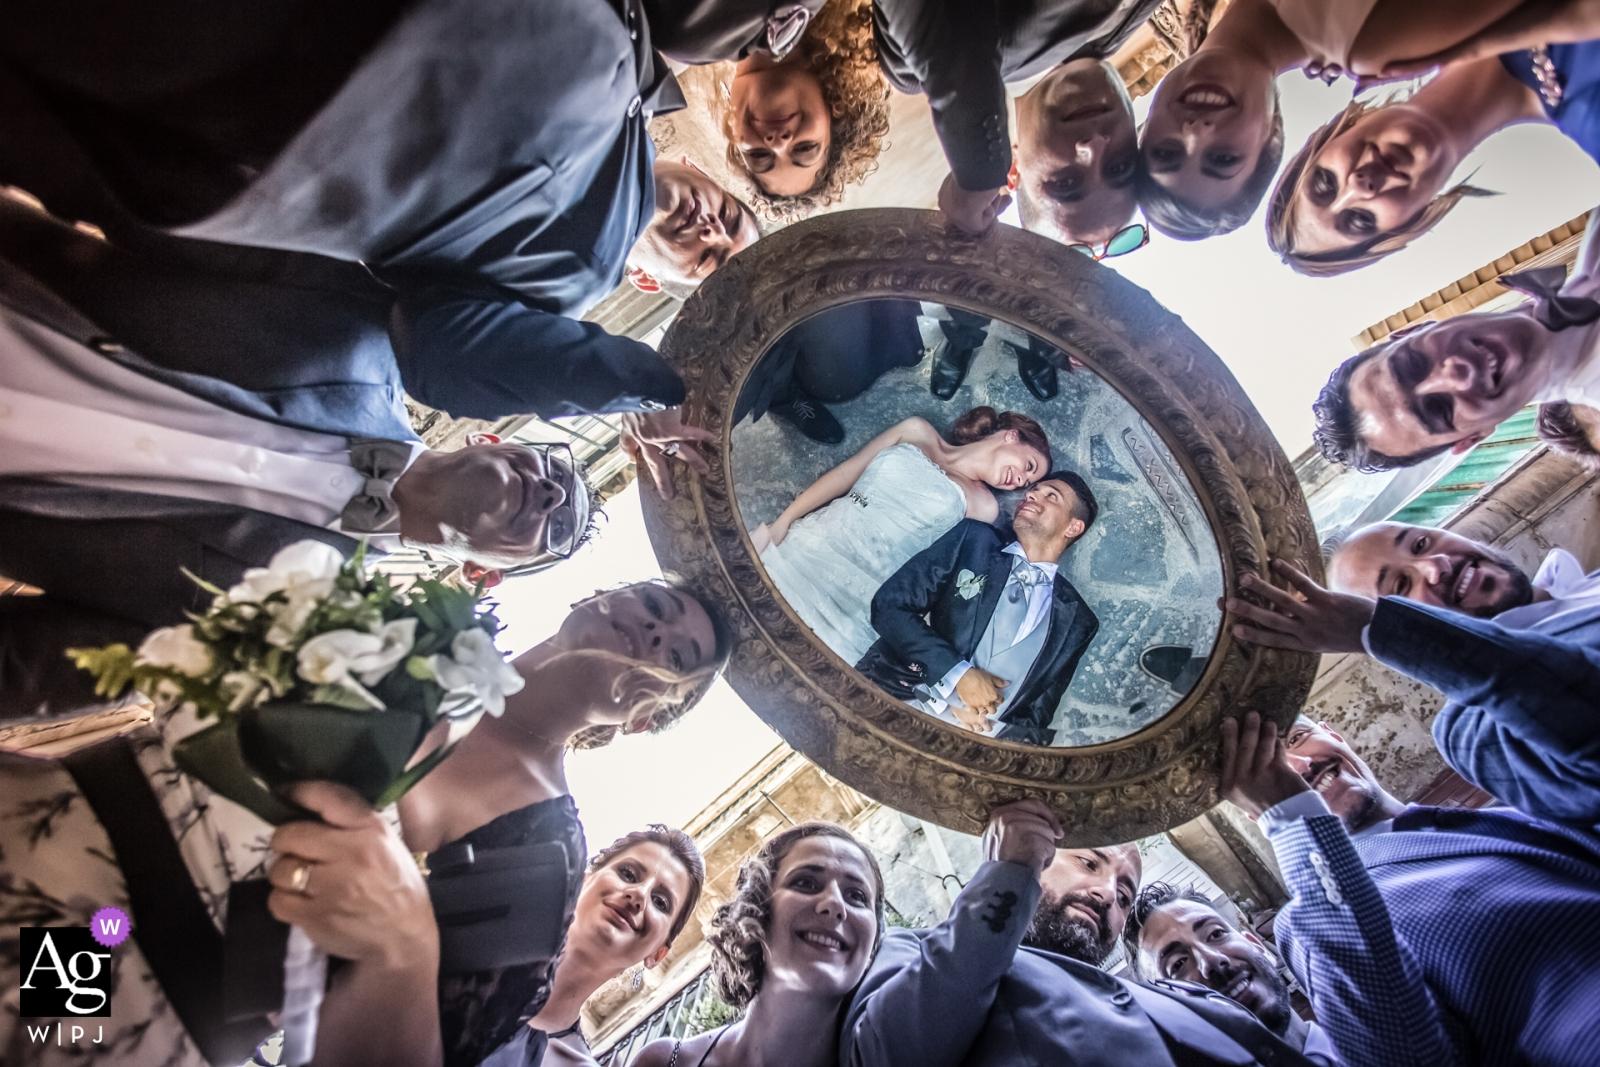 Un photographe de mariage en Sicile a conçu cette photo du reflet des mariés se faisant prendre par un miroir tenu par des invités lors de leur mariage à Siracusa à Il Mirto - rosolini